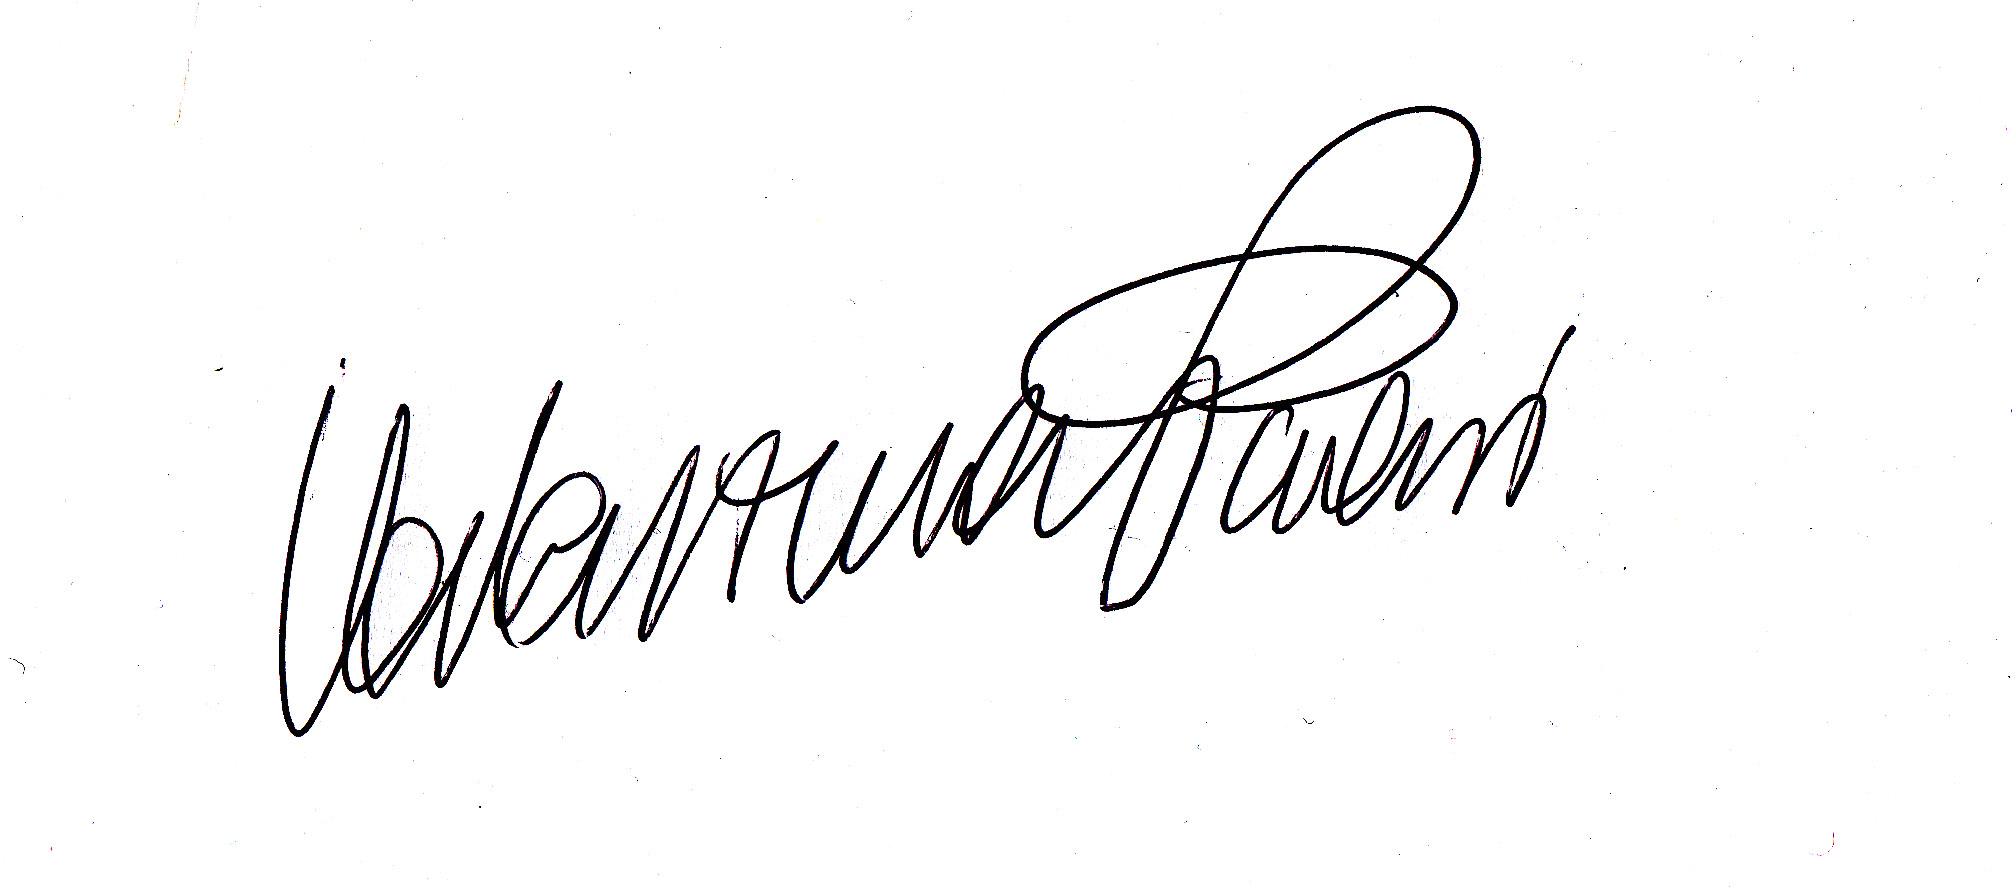 Valentina Paroni Signature